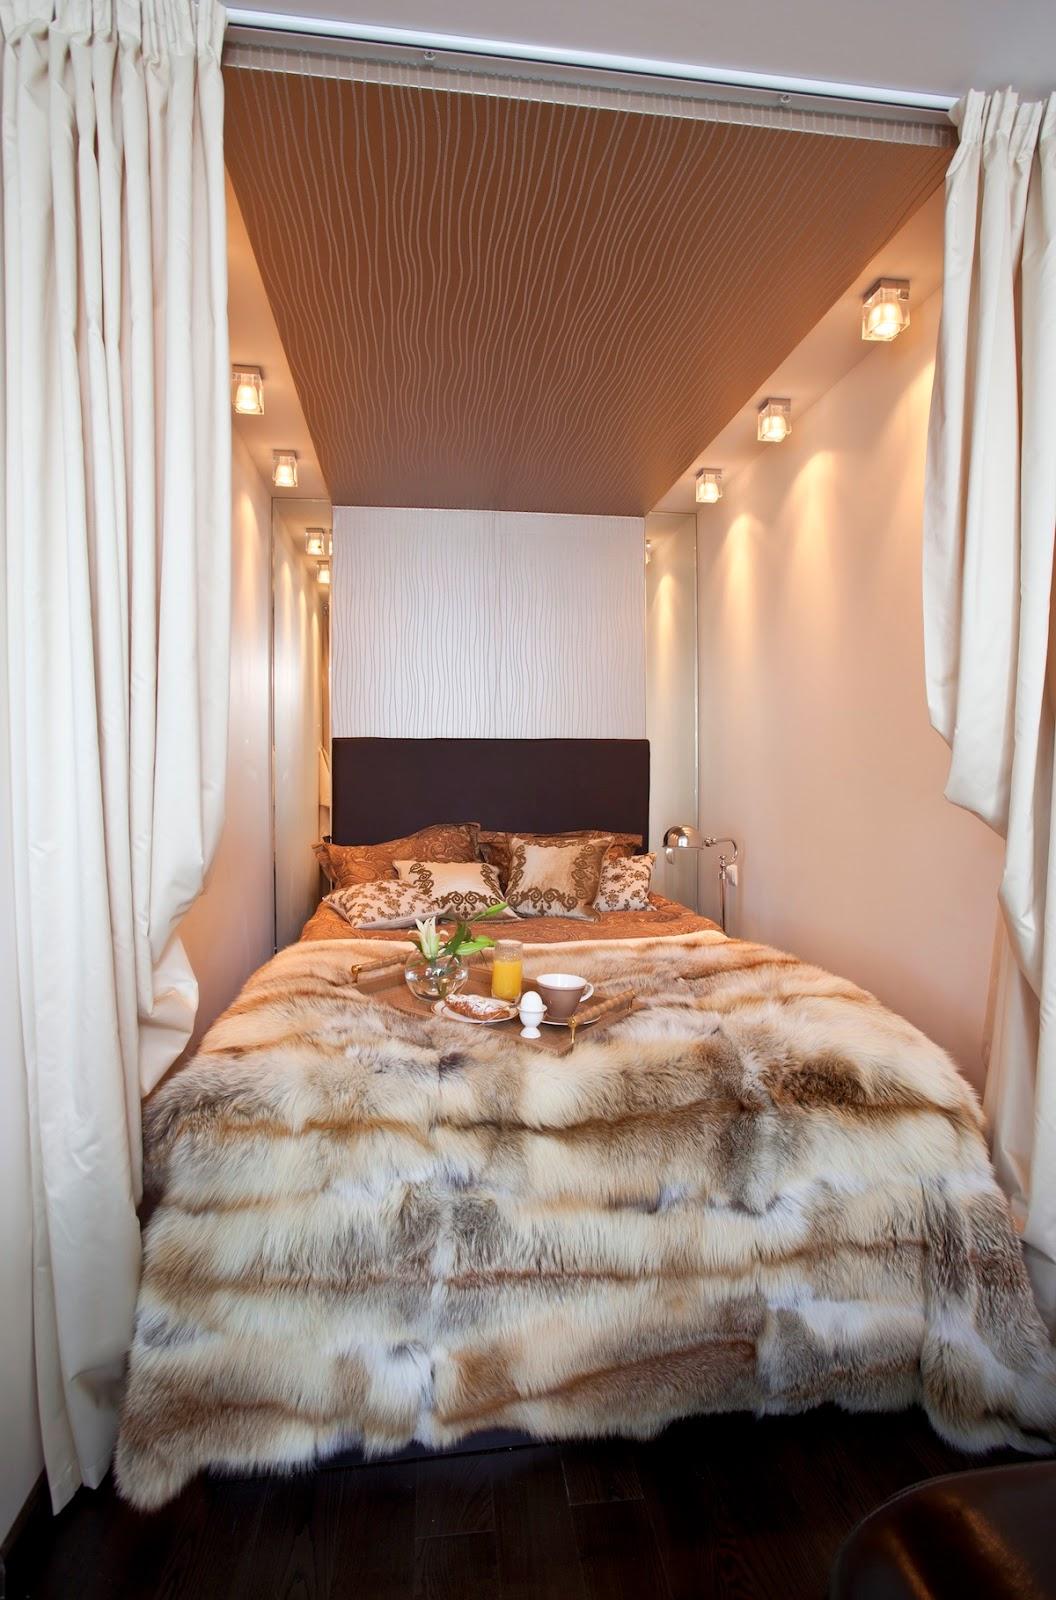 Дизайн однокомнатной квартиры: Интерьер квартиры-студии с ...: http://odnushka.blogspot.com/2013/02/blog-post.html